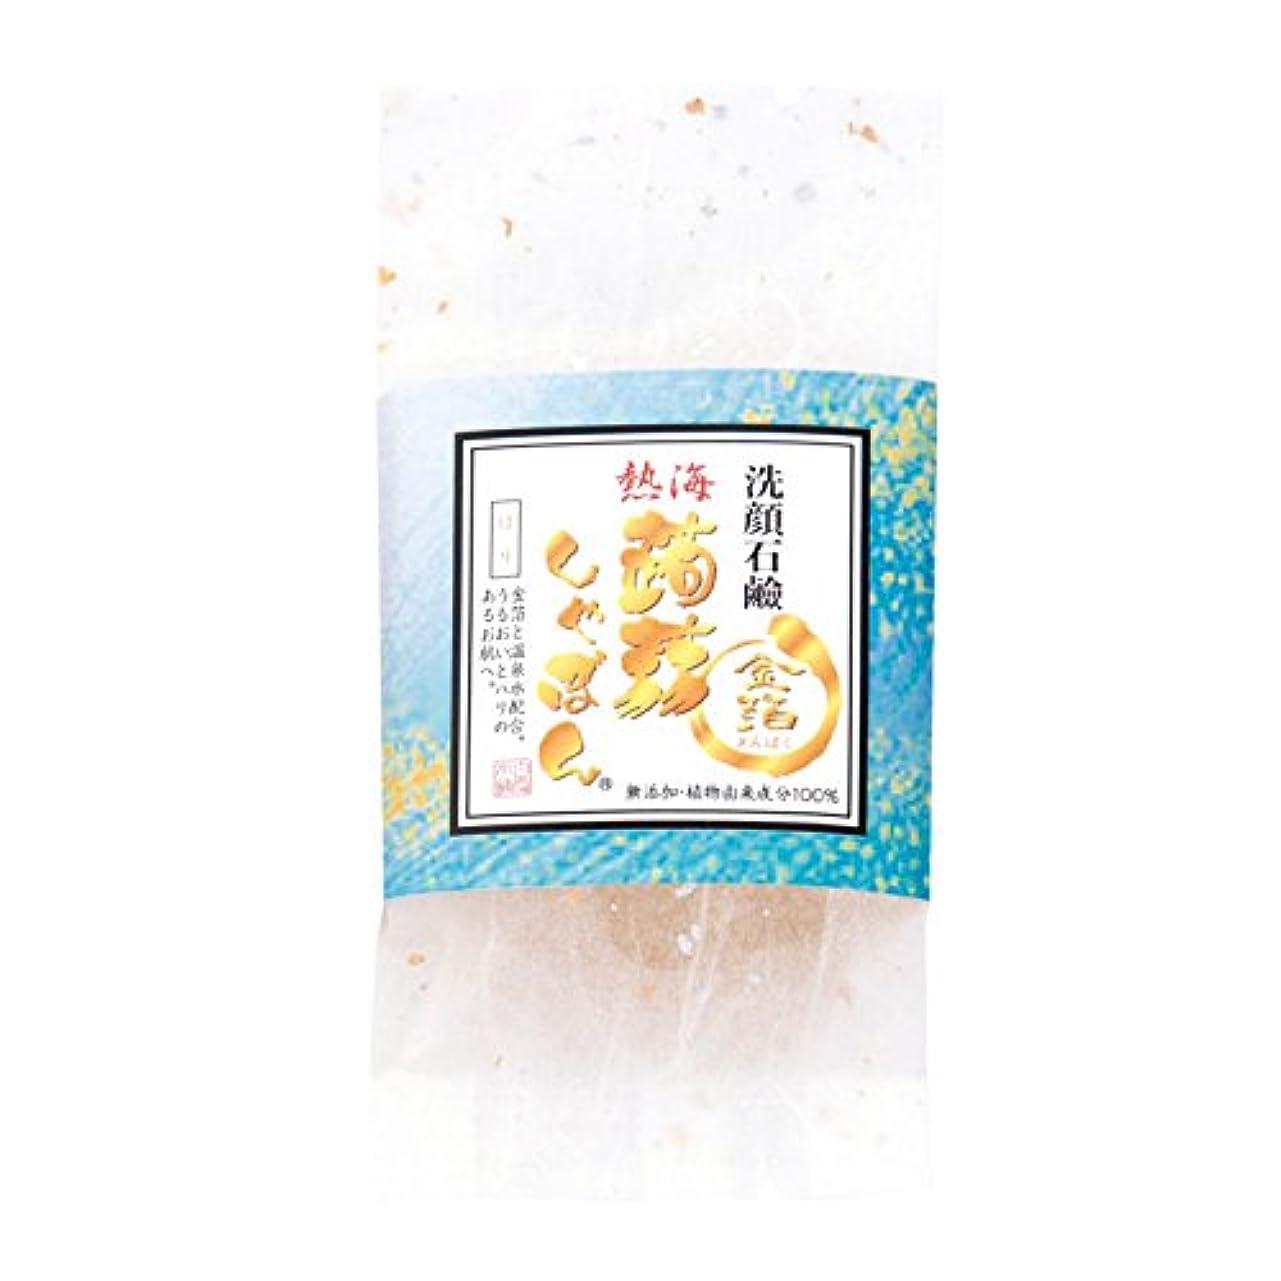 オーチャード種類グリーンバック熱海蒟蒻しゃぼん熱海 金箔&温泉水(きんぱく&おんせんすい)